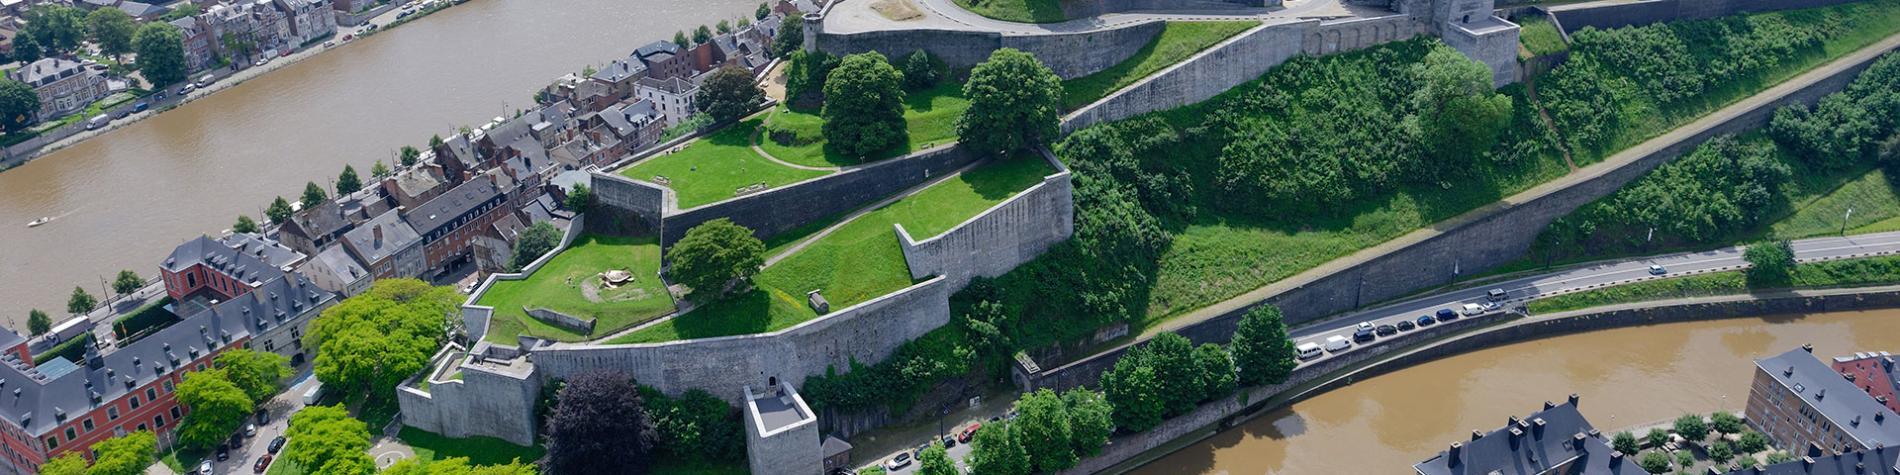 Citadelle - Namur - Photo aérienne - été - Wallonie insolite